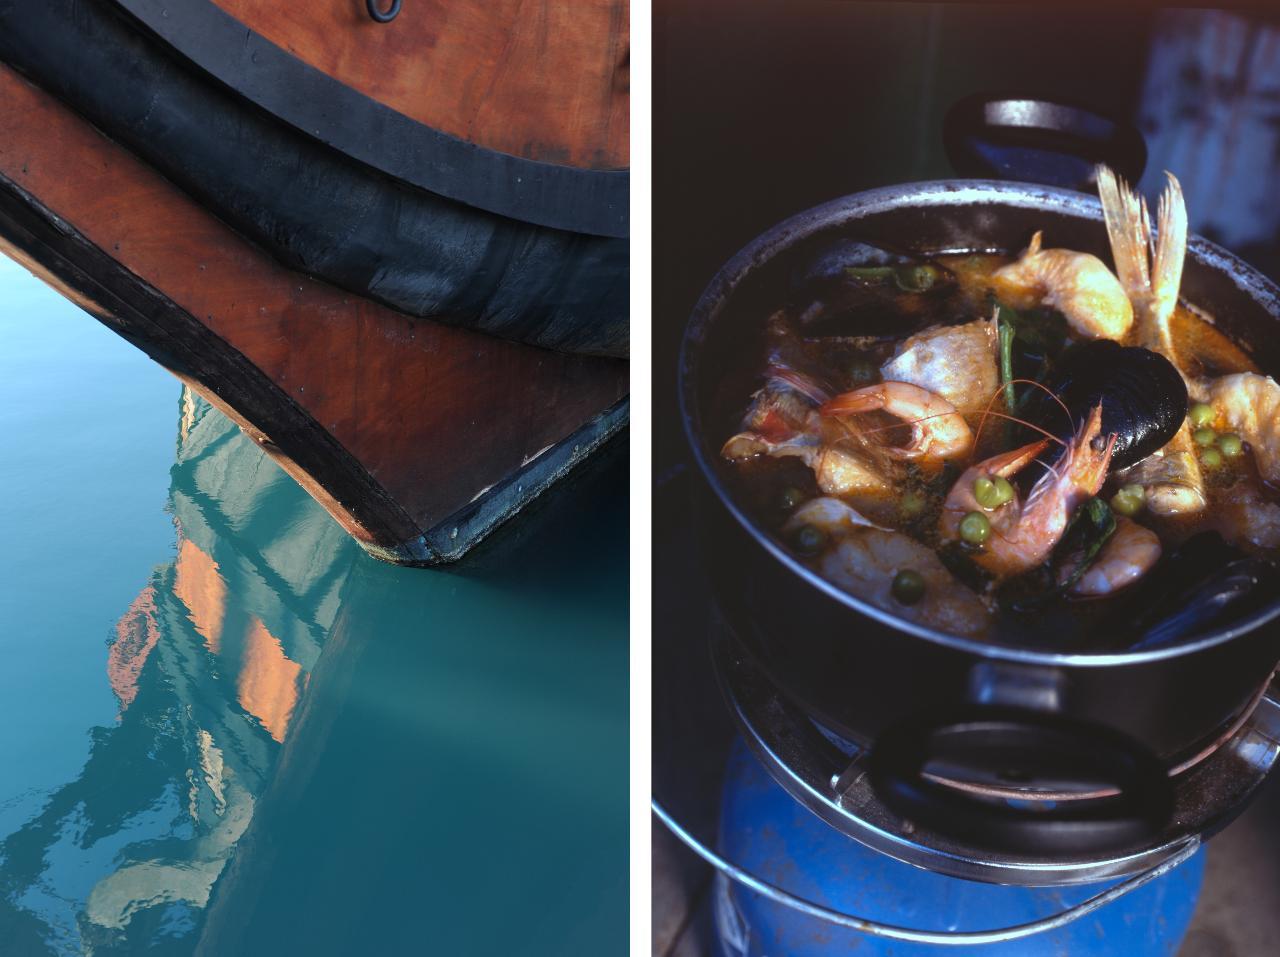 Disegno la cucina del corriere : Cibo da porto | Michele L Mulas